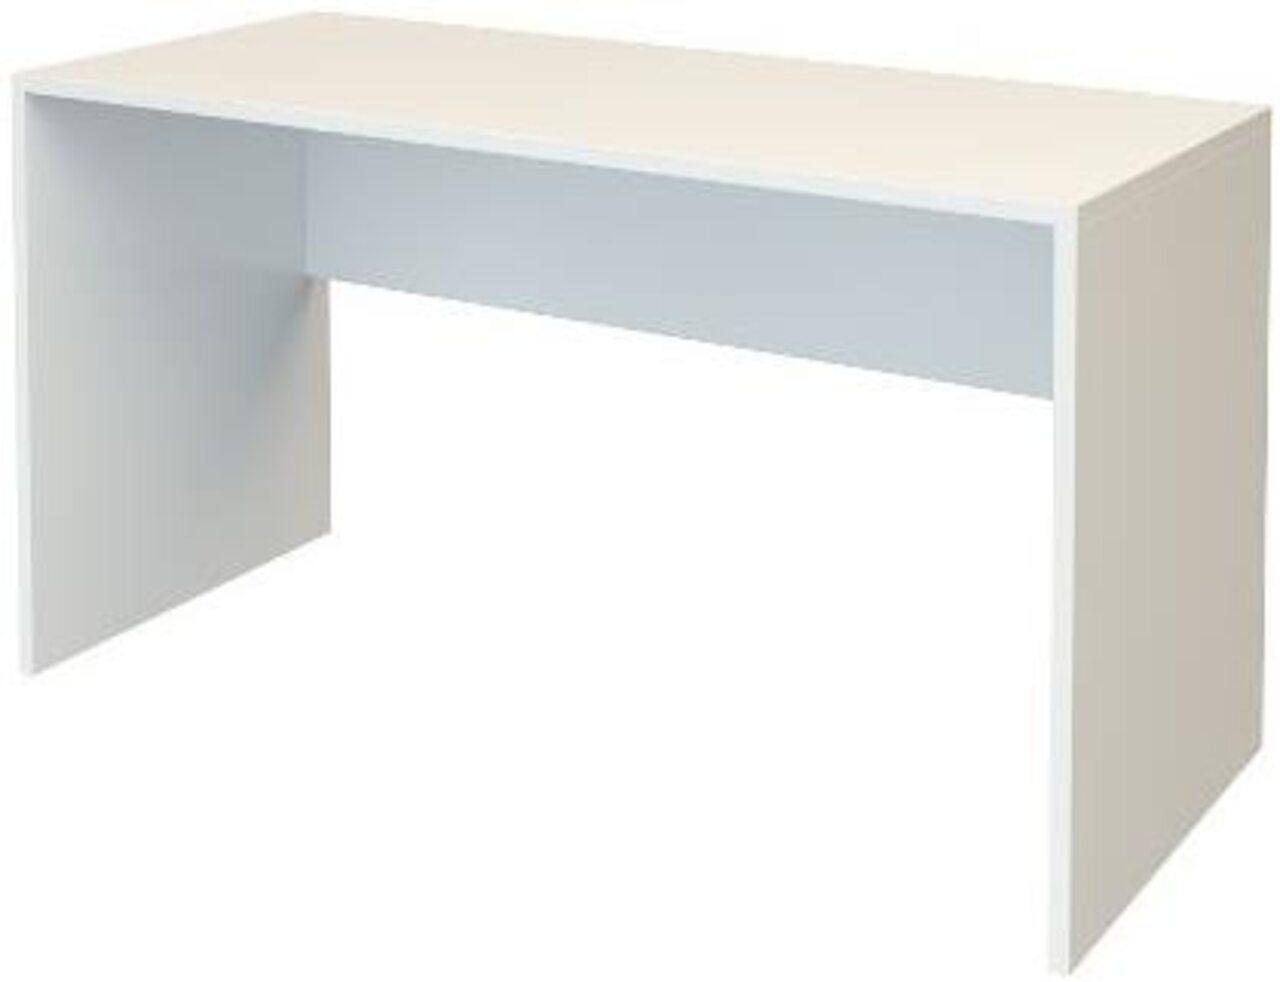 Стол рабочий  Арго 140x60x76 - фото 1